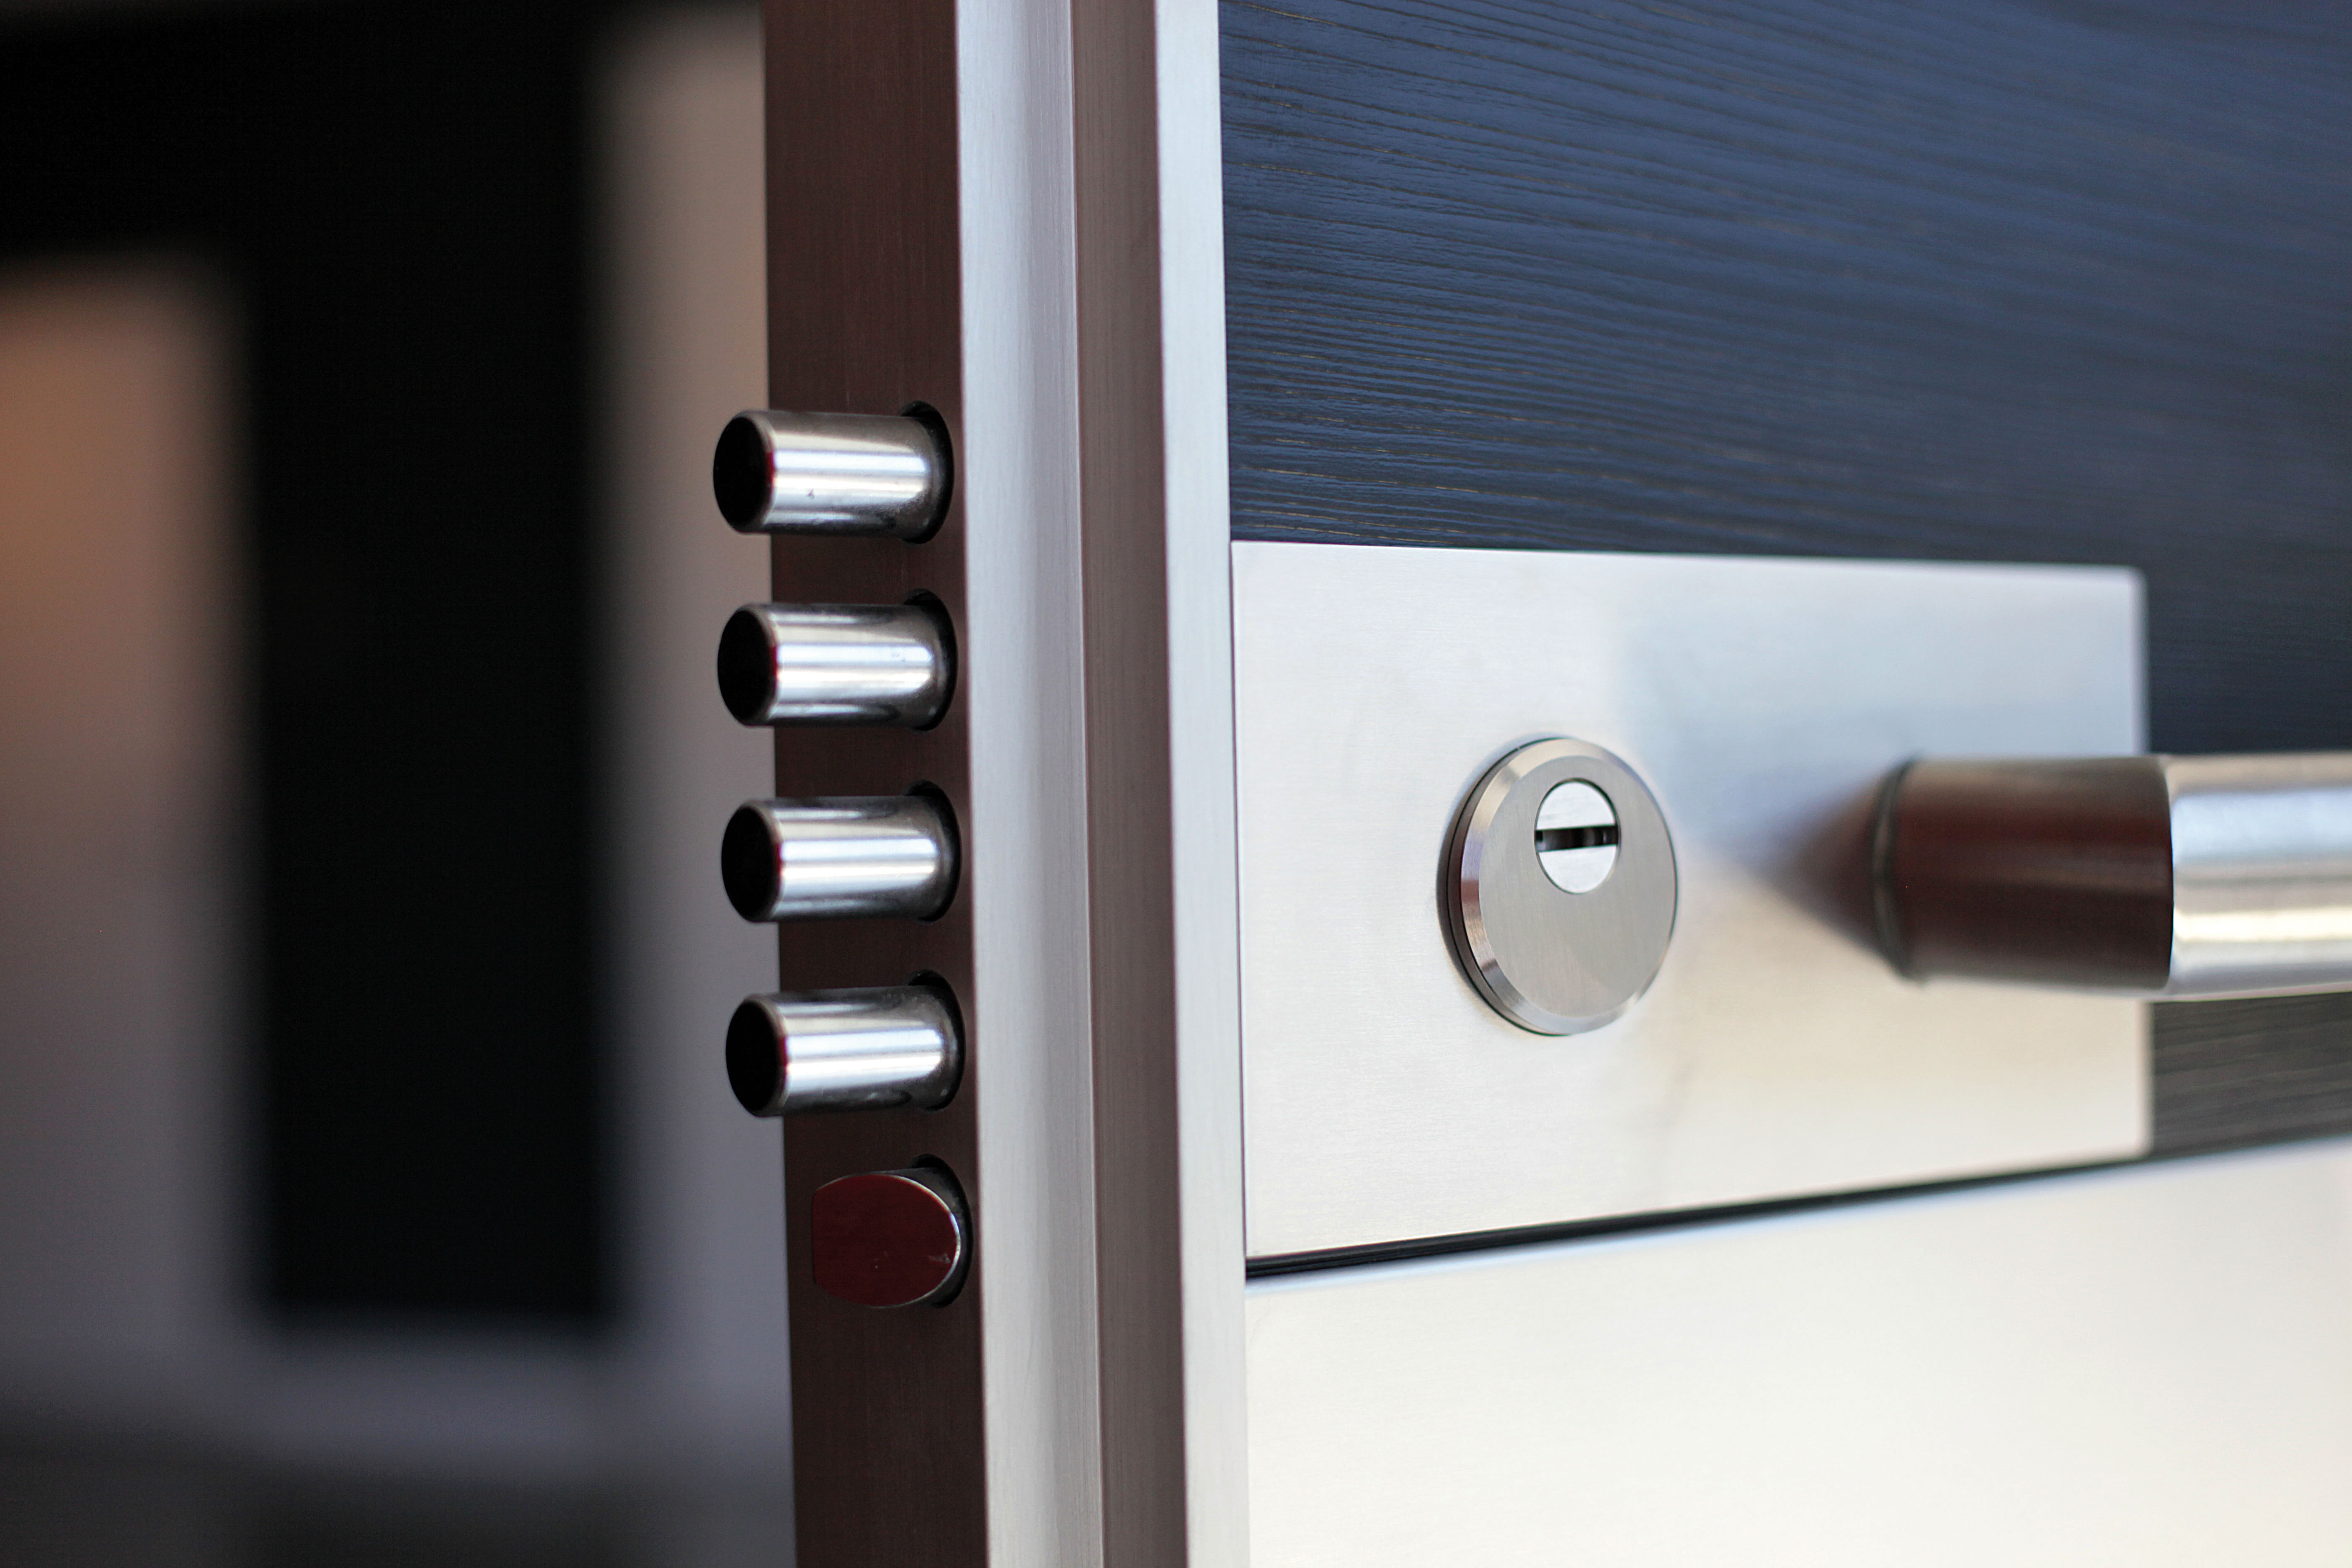 comment choisir une bonne serrure pour votre porte d entr e plan de maison. Black Bedroom Furniture Sets. Home Design Ideas